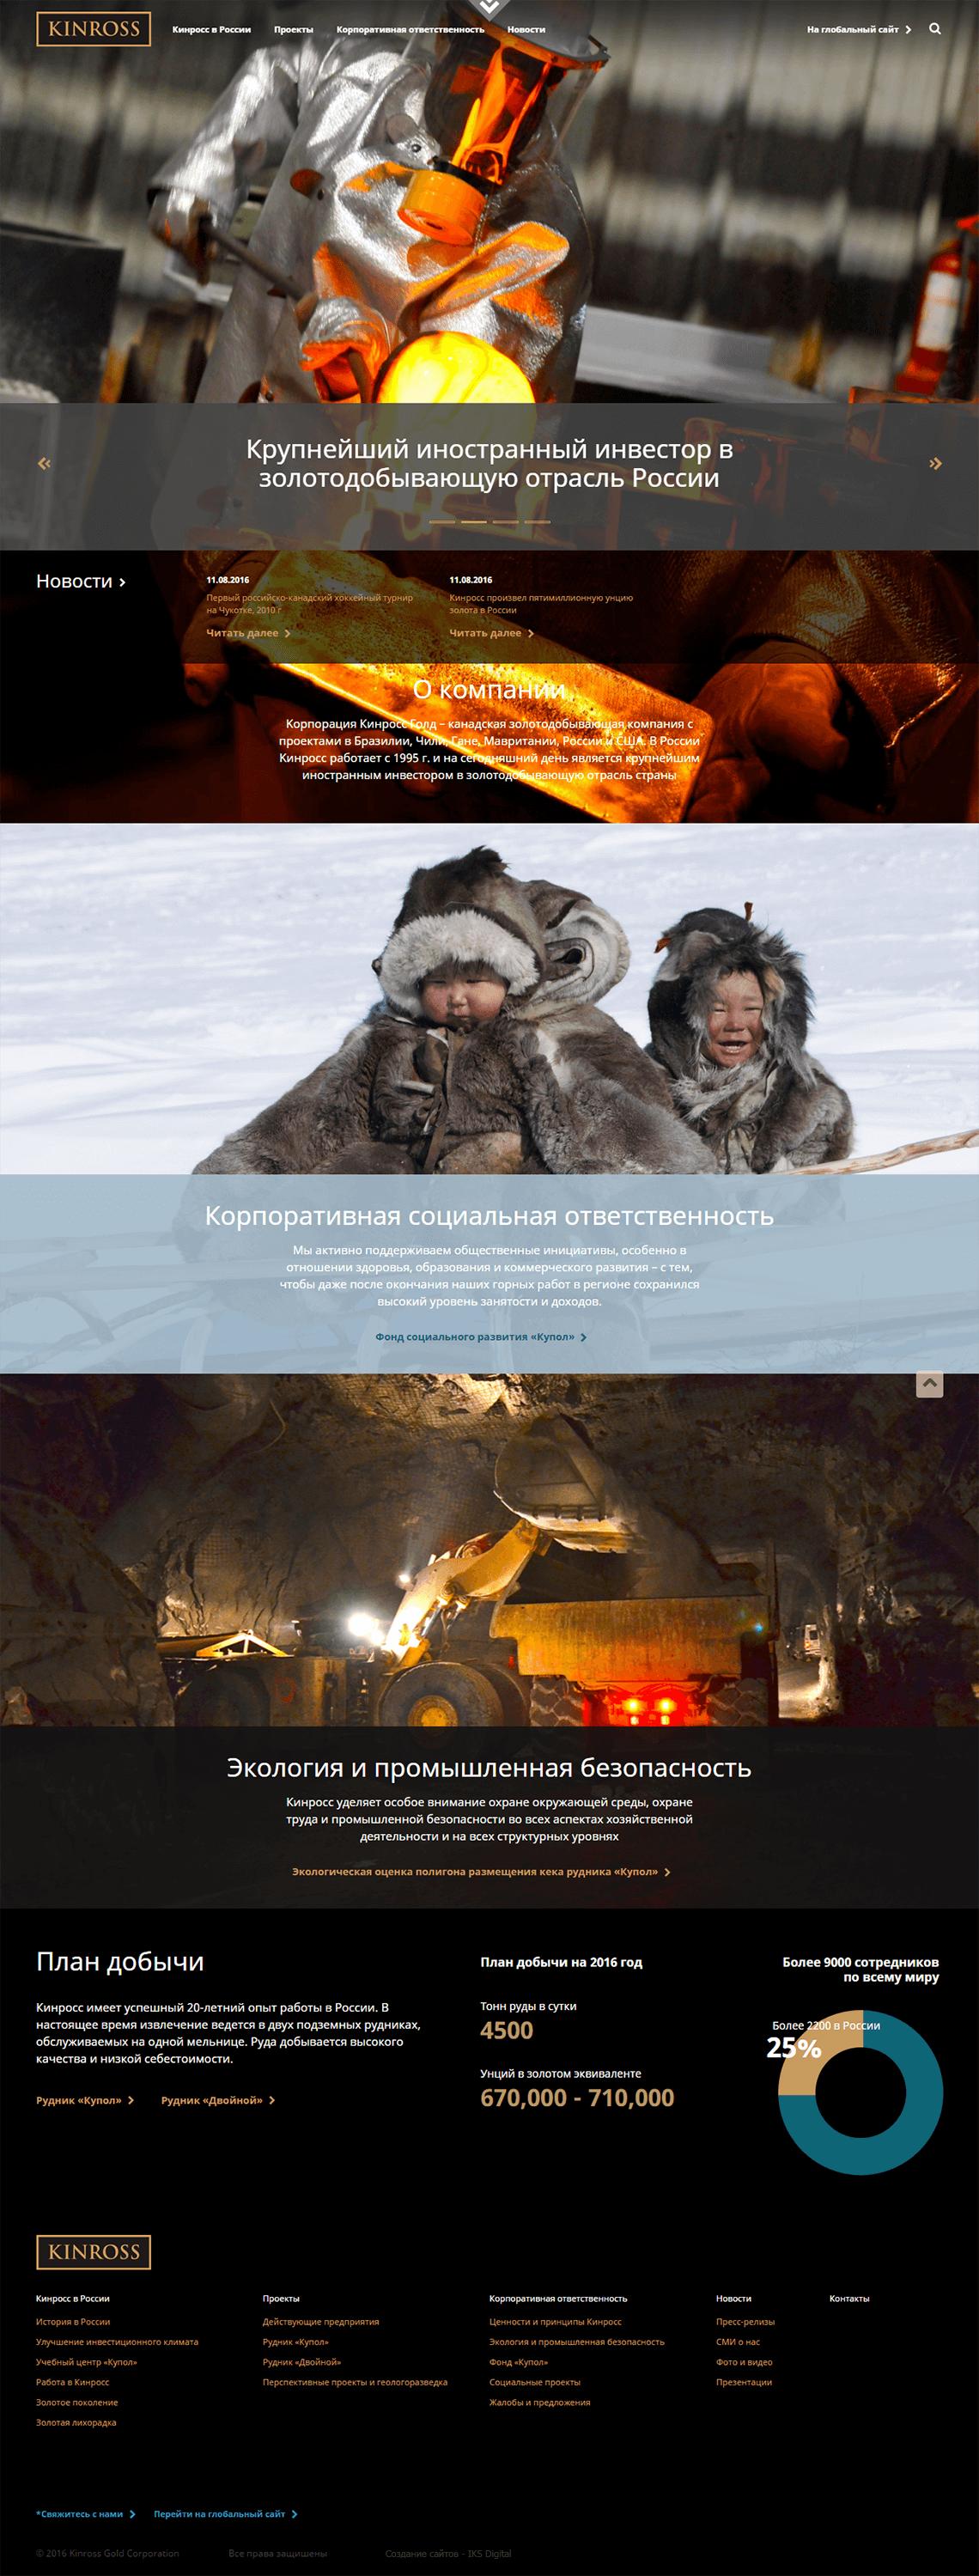 создание корпоративного сайта для канадской золотодобывающей компании Кинросс